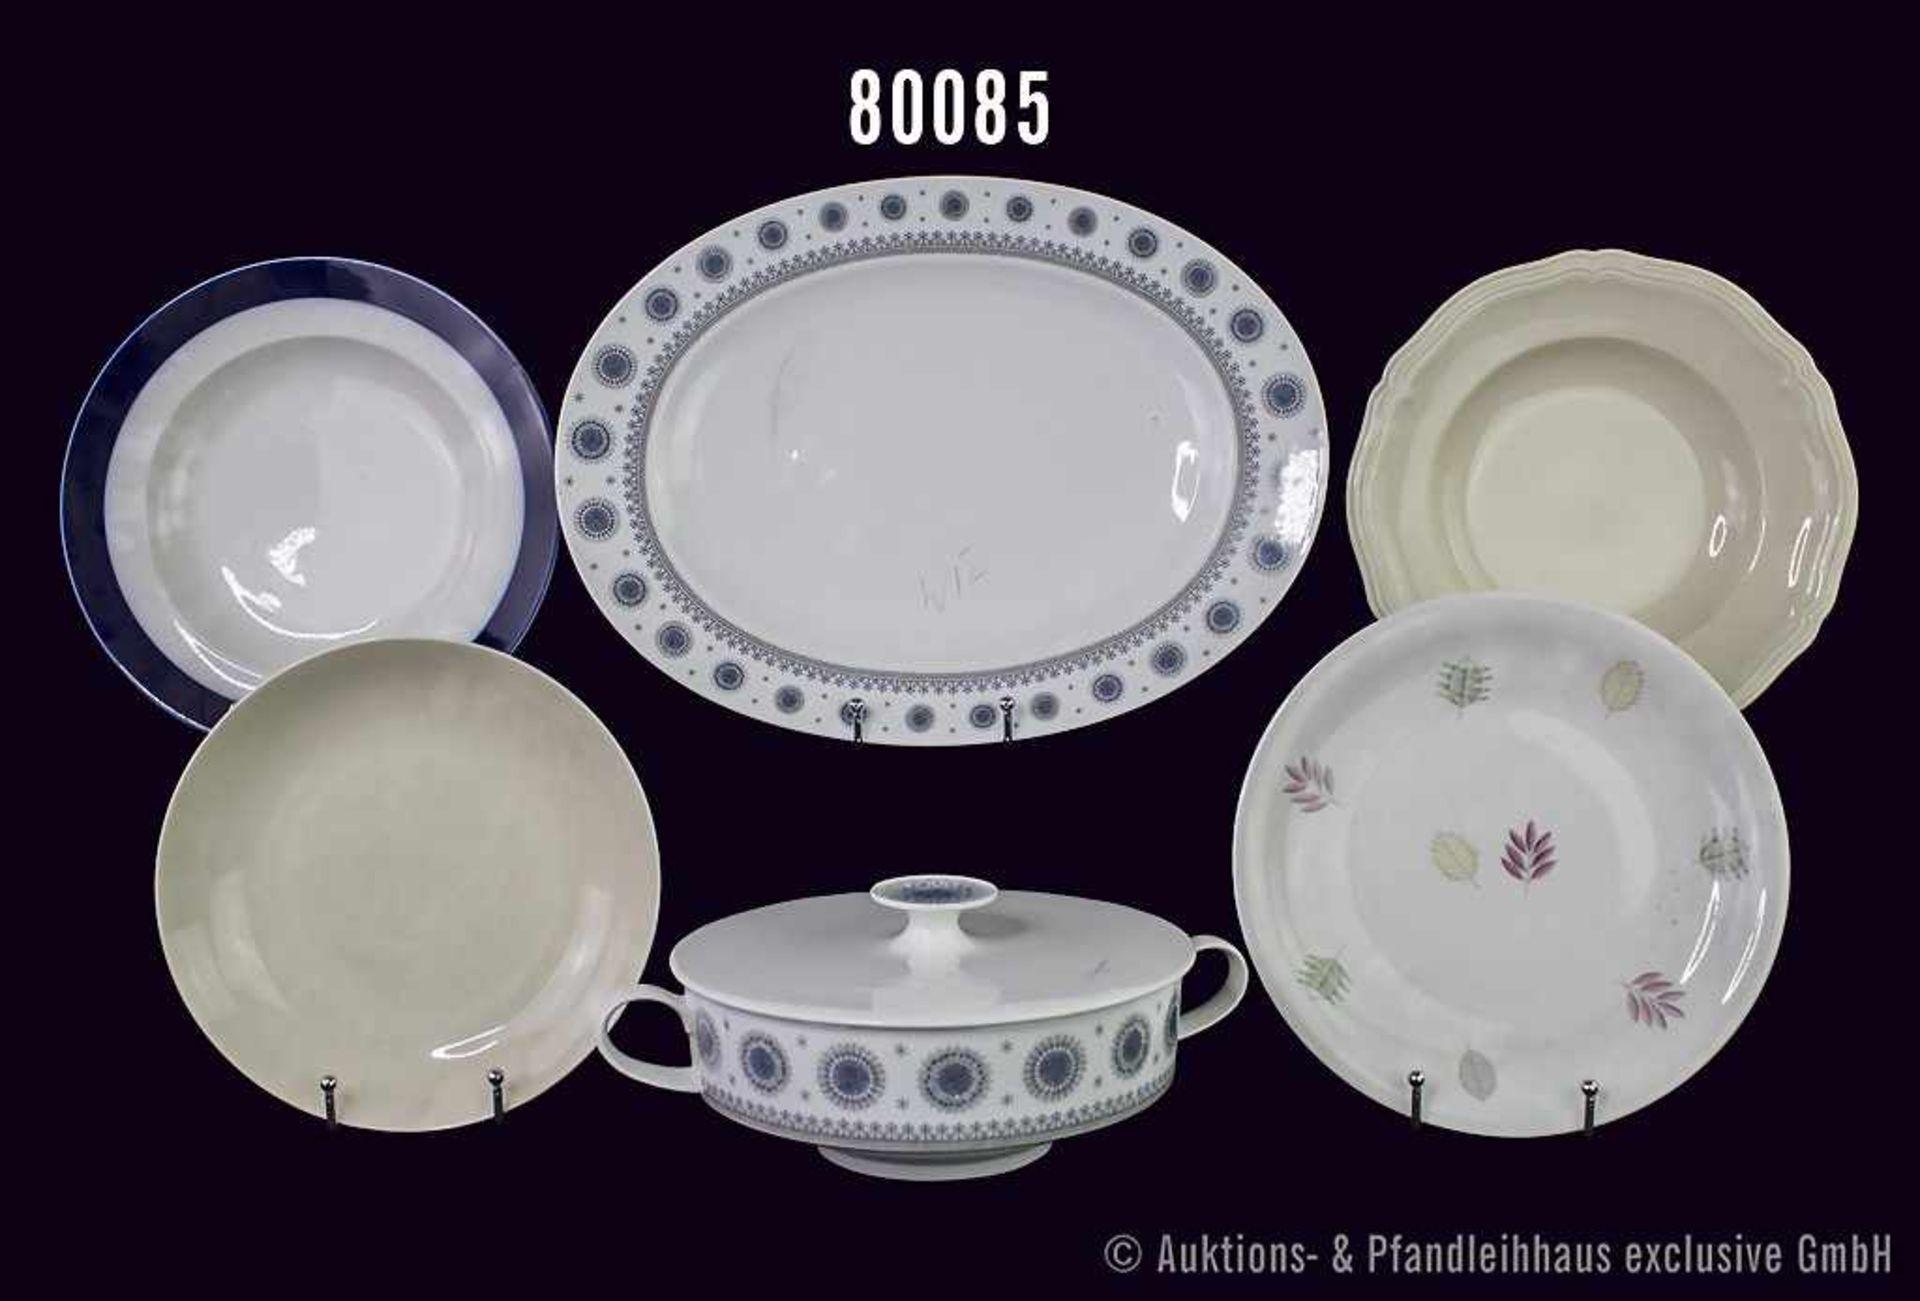 Konv. 29 Teile Rosenthal Porzellan, dabei Schalen, Teller, Kuchenplatte sowie 1 Suppenterine